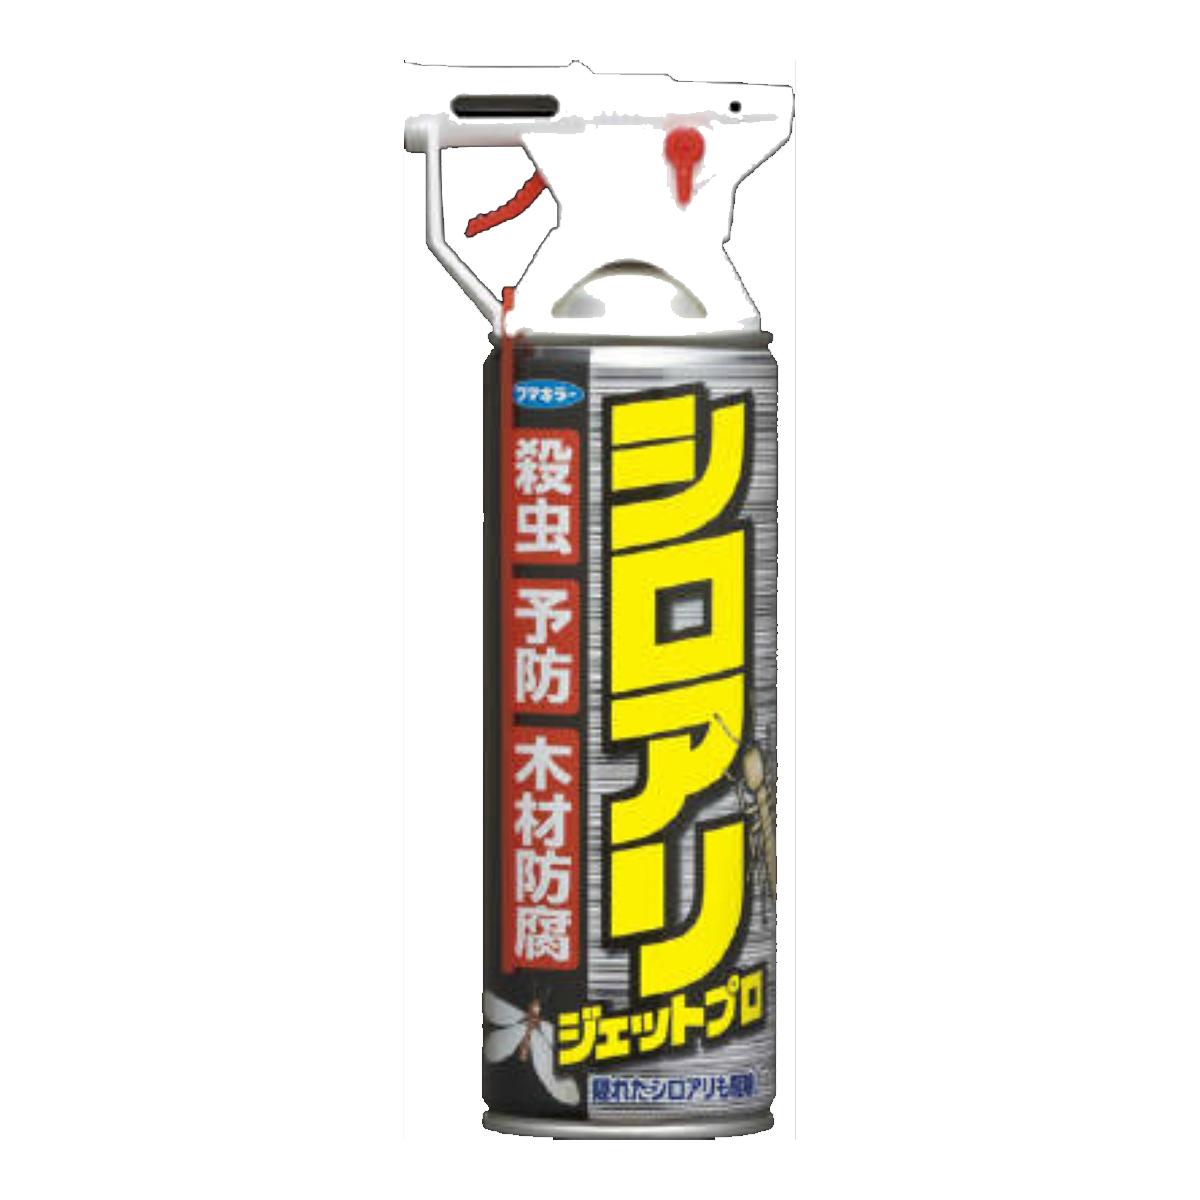 후마키라 흰 개미 제트 프로 450 ml (살충제 흰 개미용 구제)×20점 세트 정리해 구매 특가!케이스 판매( 4902424431667 )